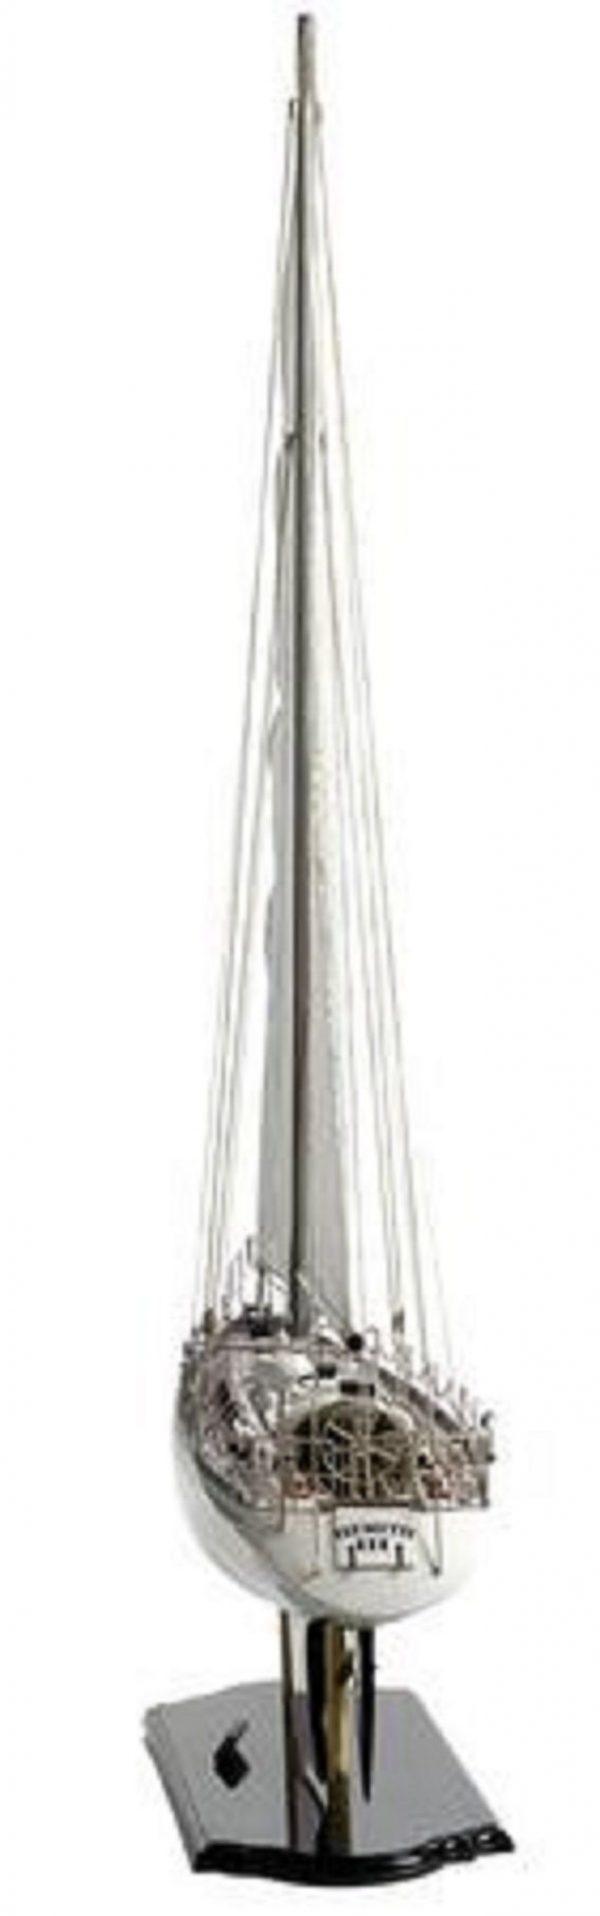 165-6855-Hemith-III-model-yacht